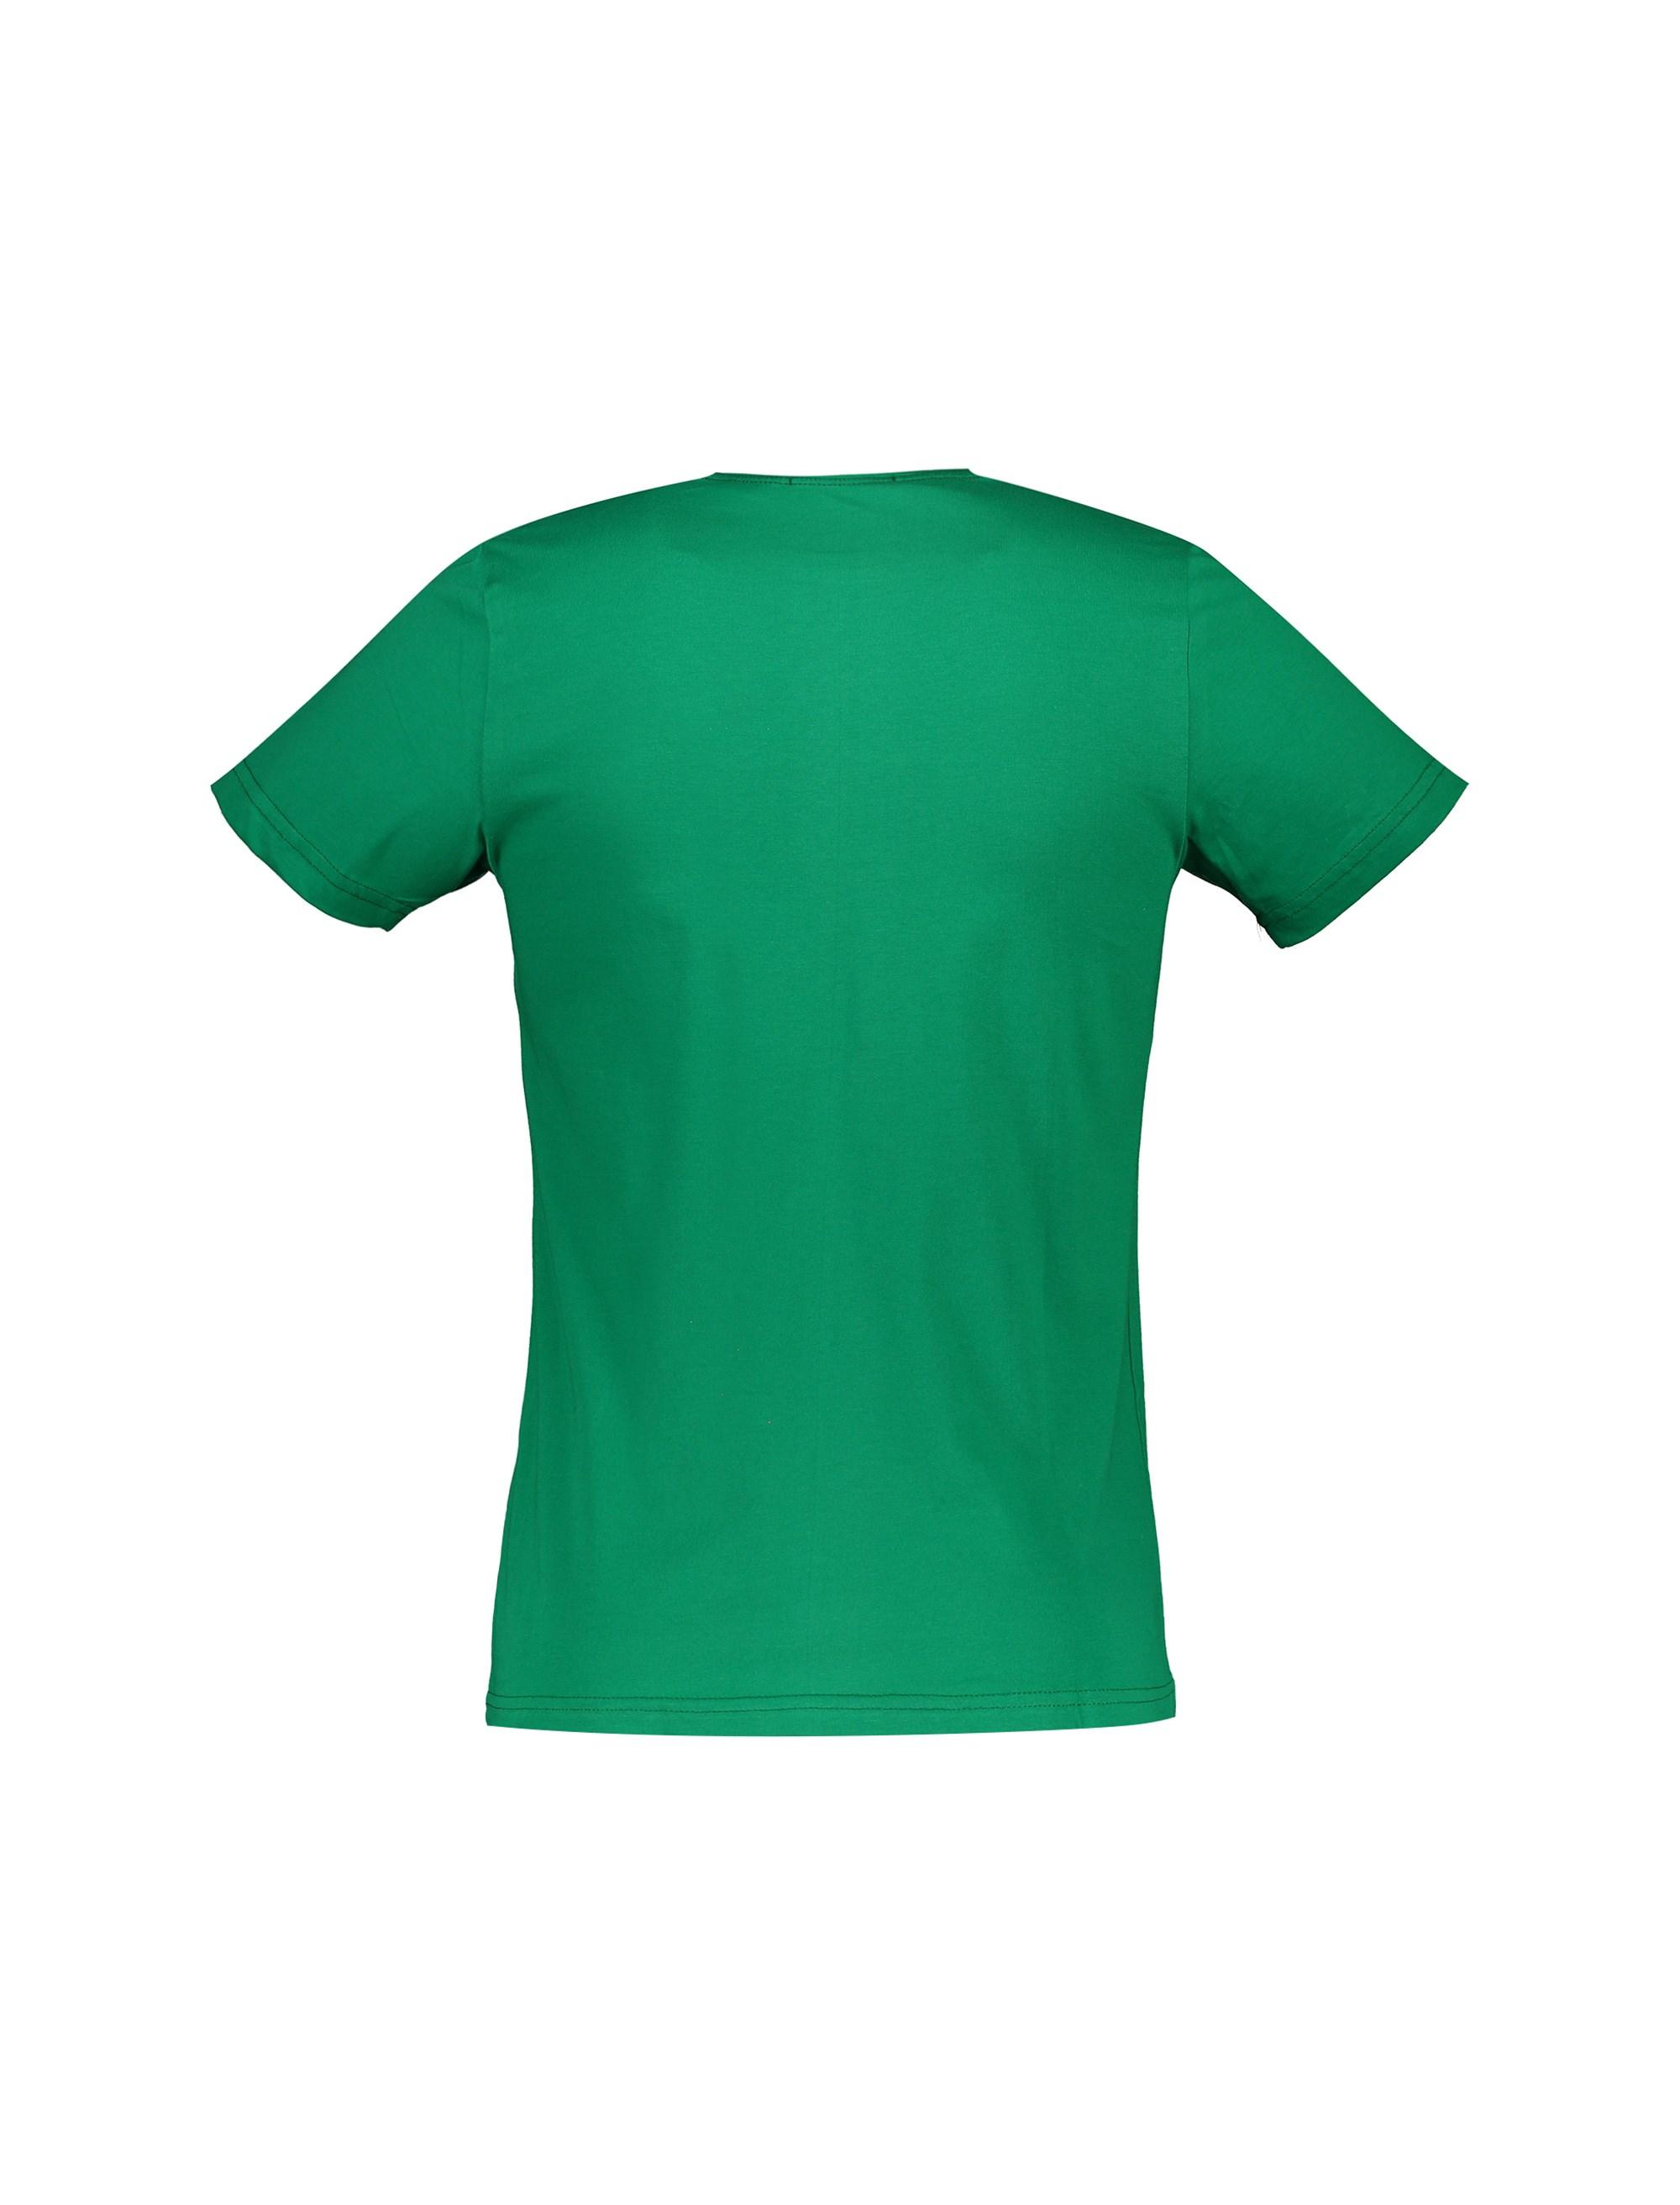 تی شرت چاپ 90